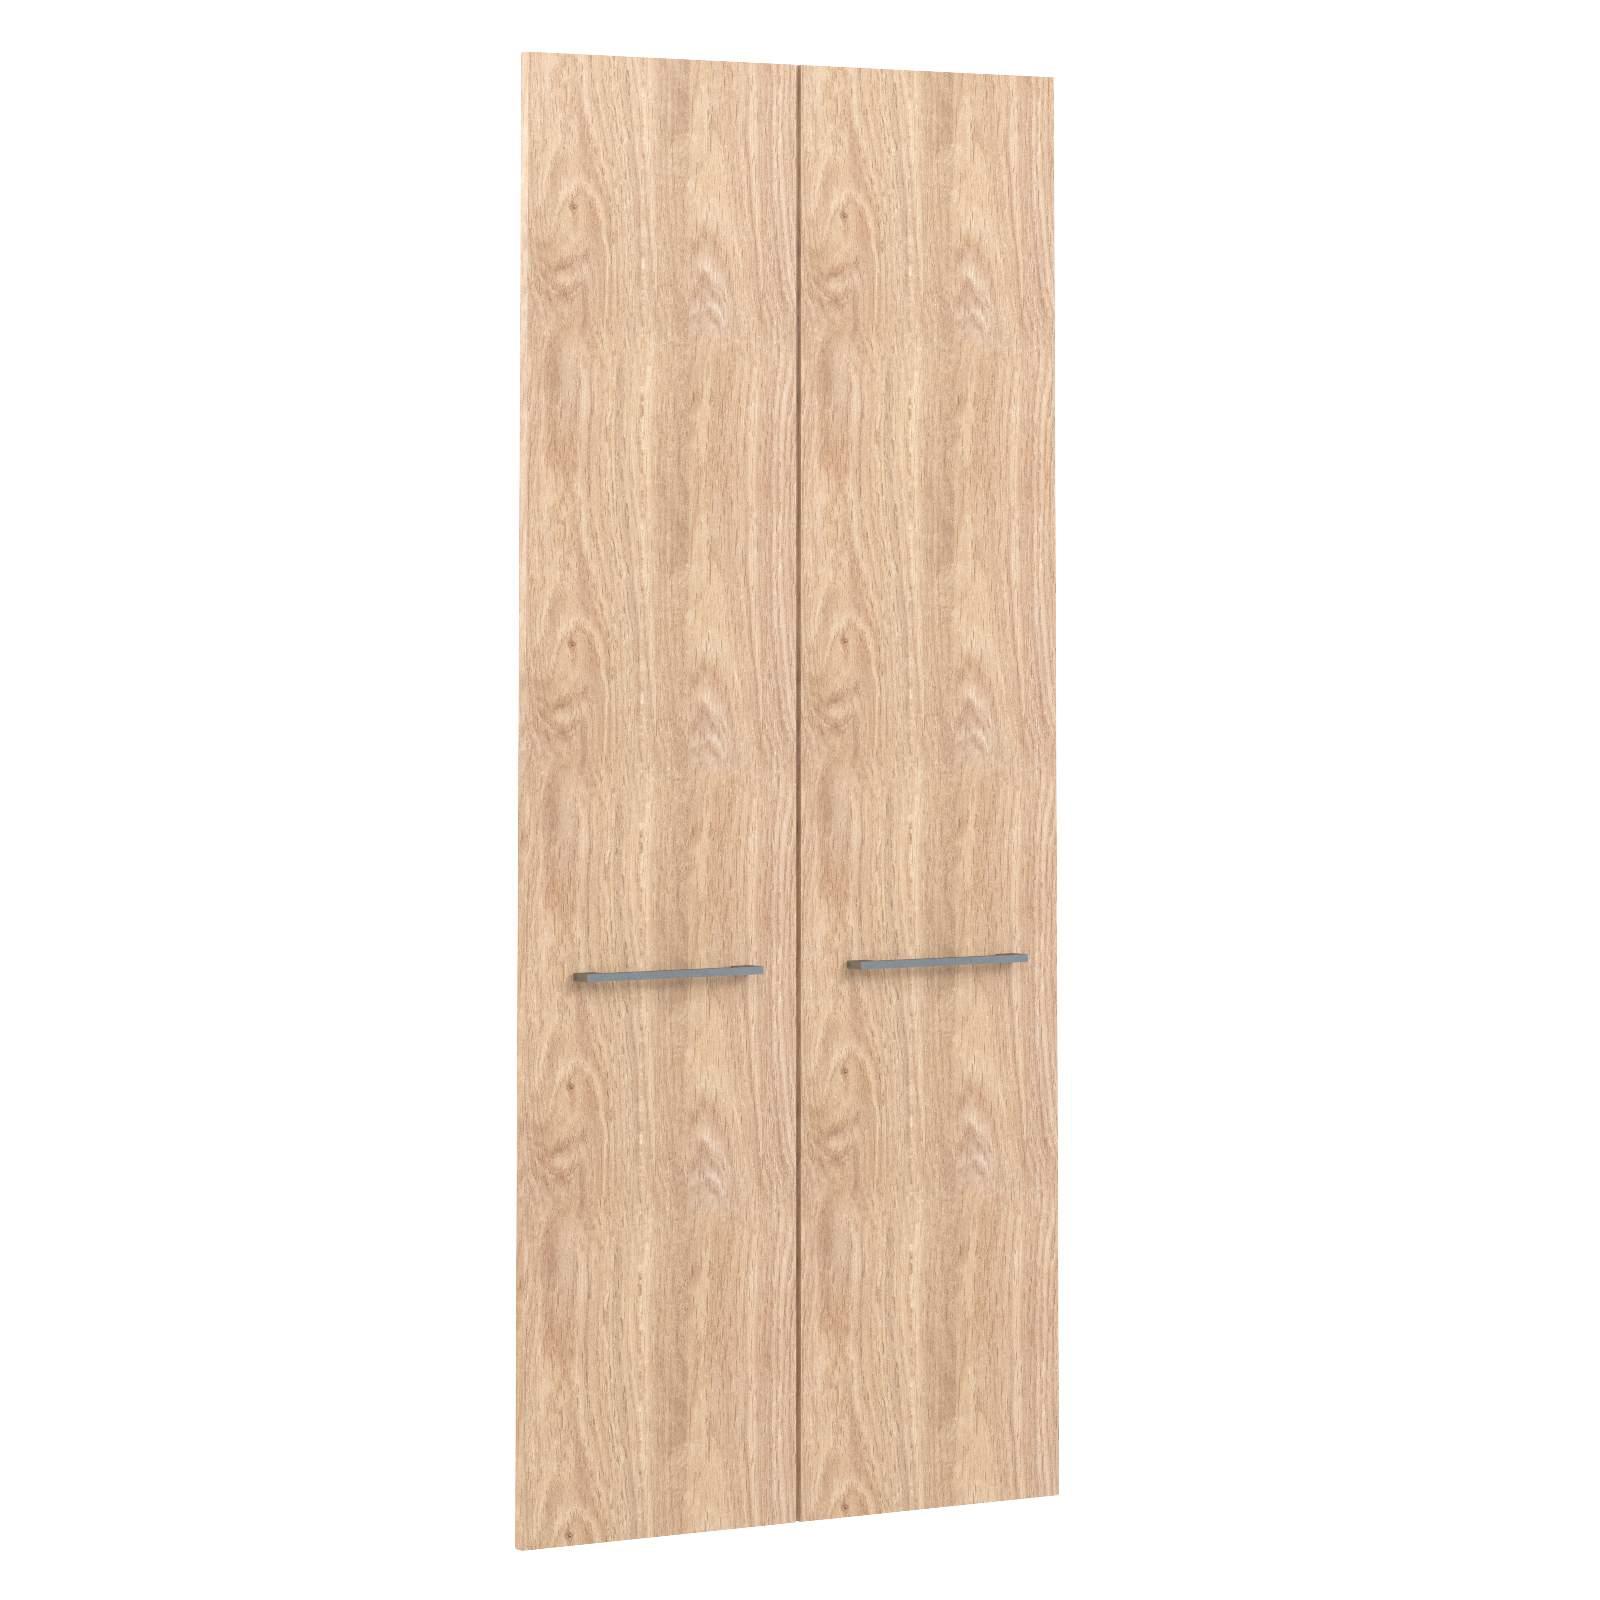 Двери ЛДСП высокие 846x18x1900